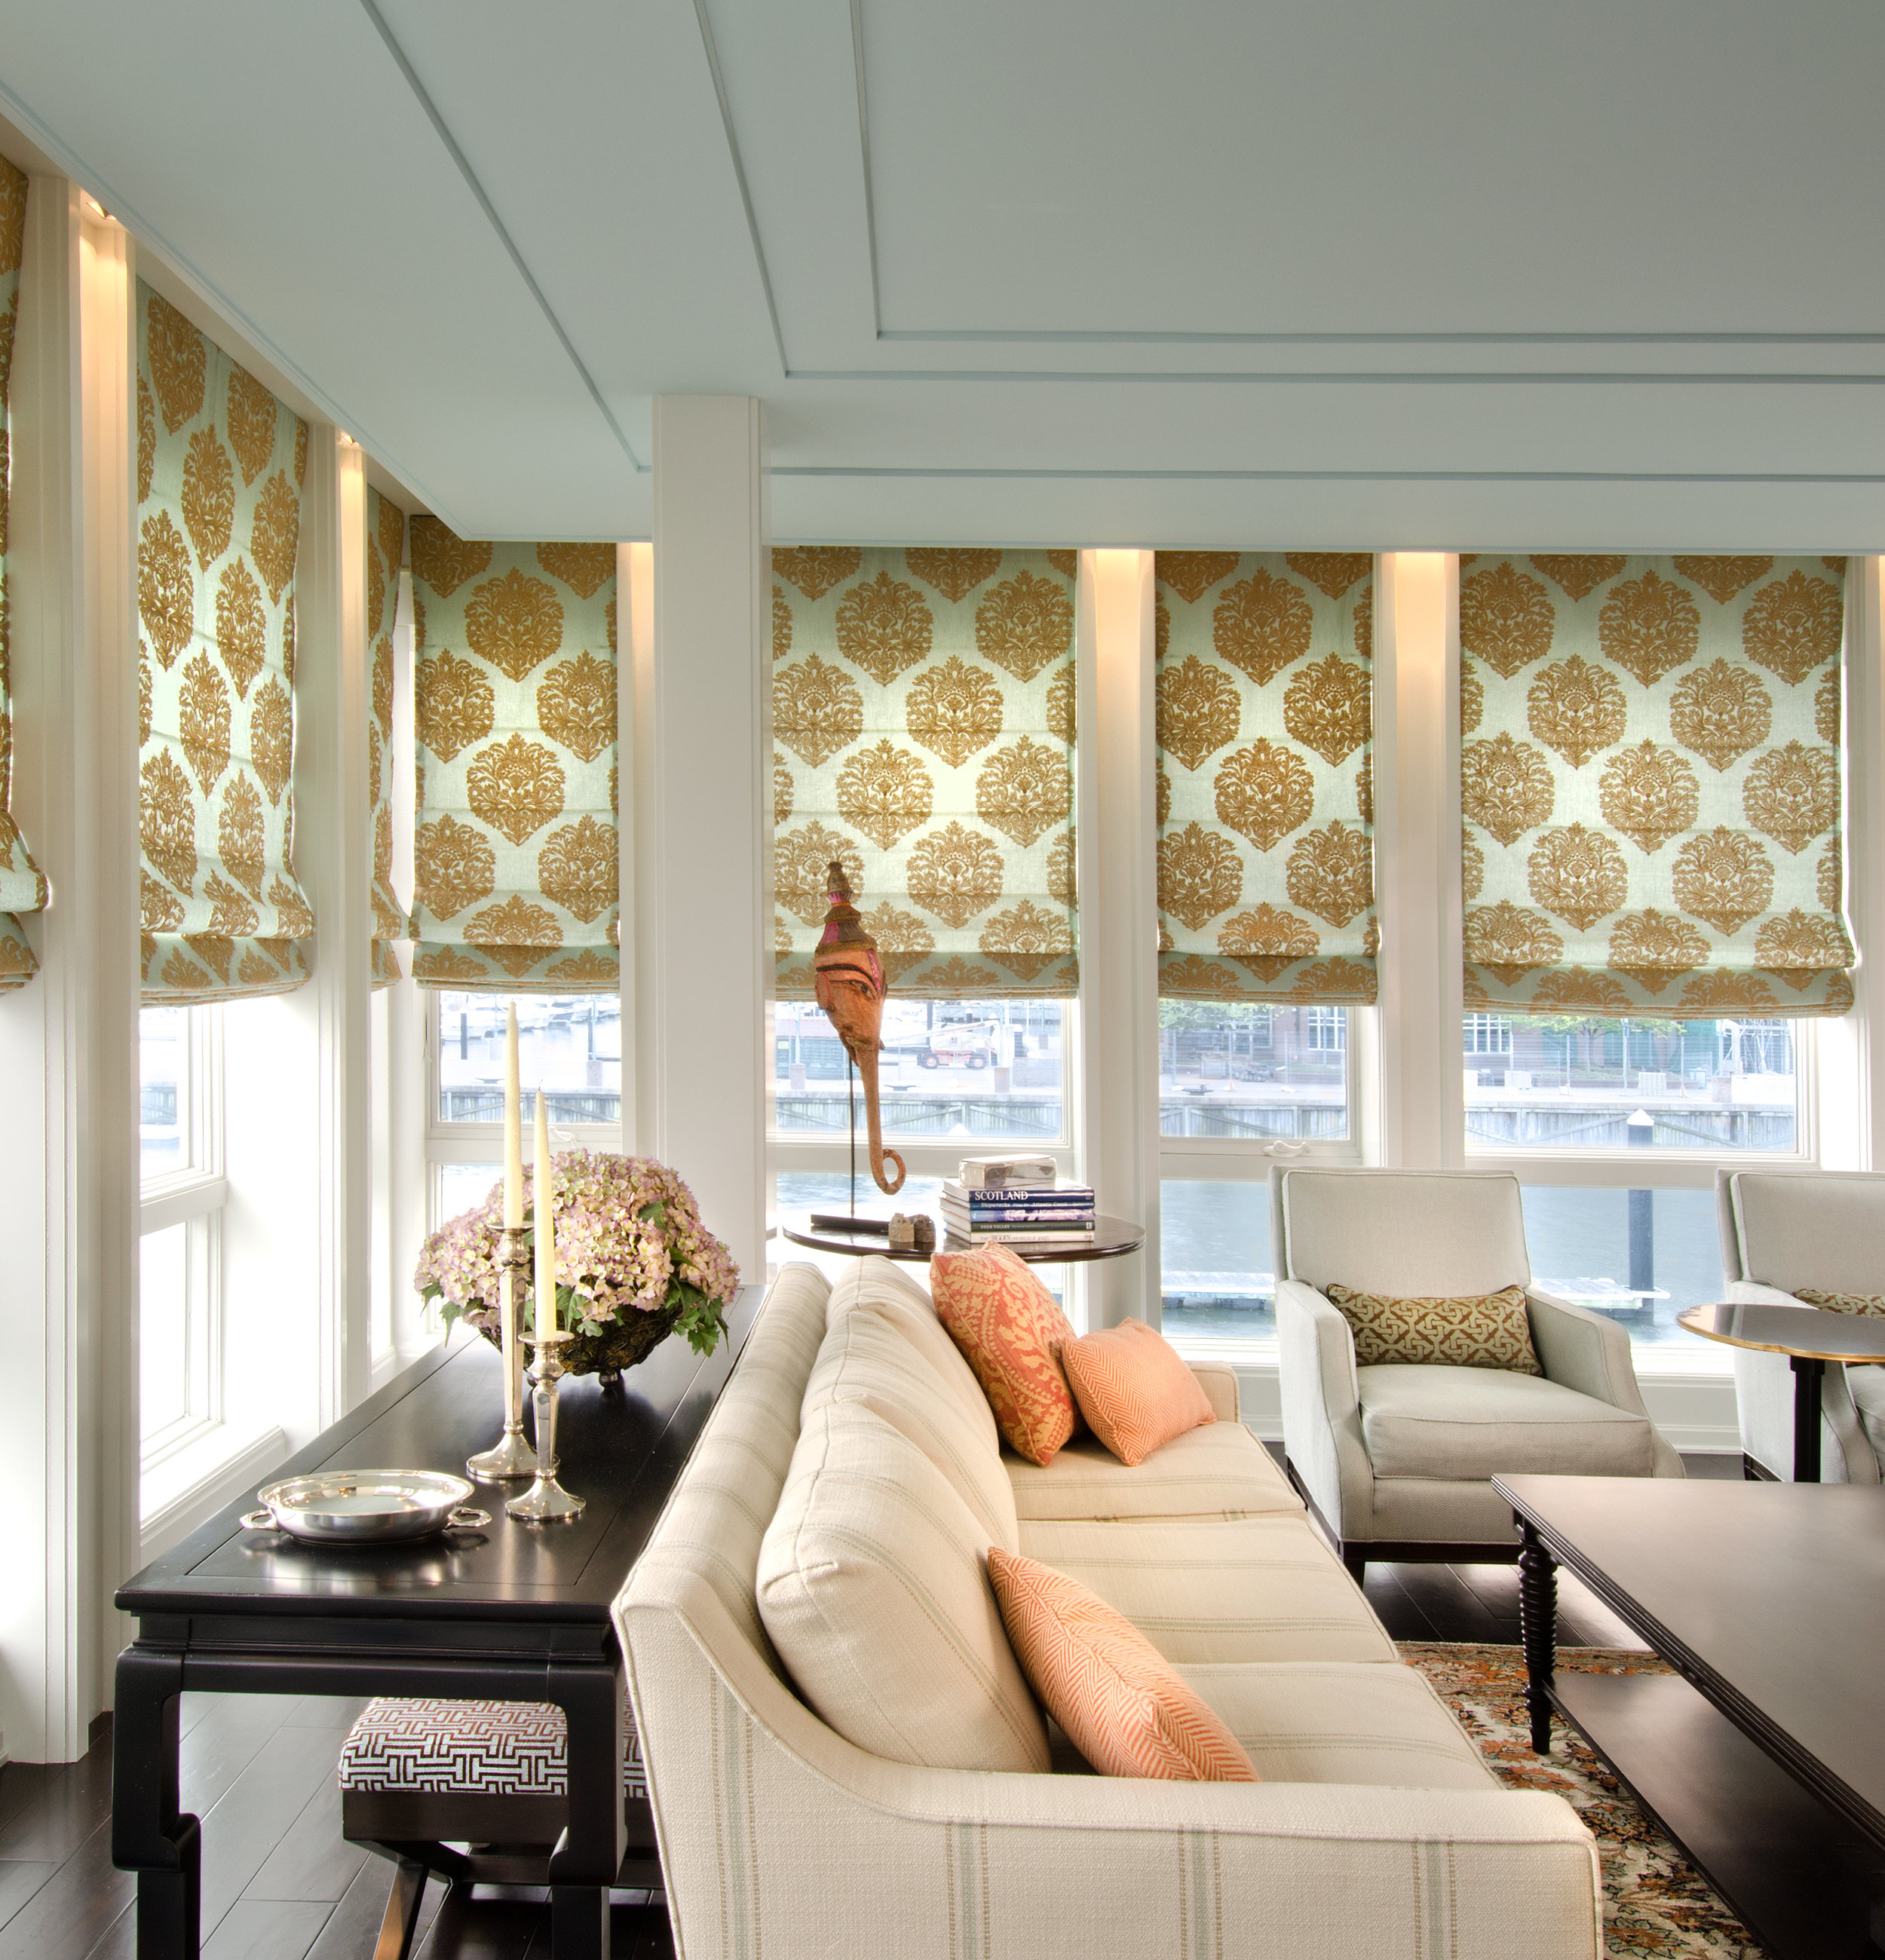 02 Bowe-Stewart-Res-Living Room.jpg